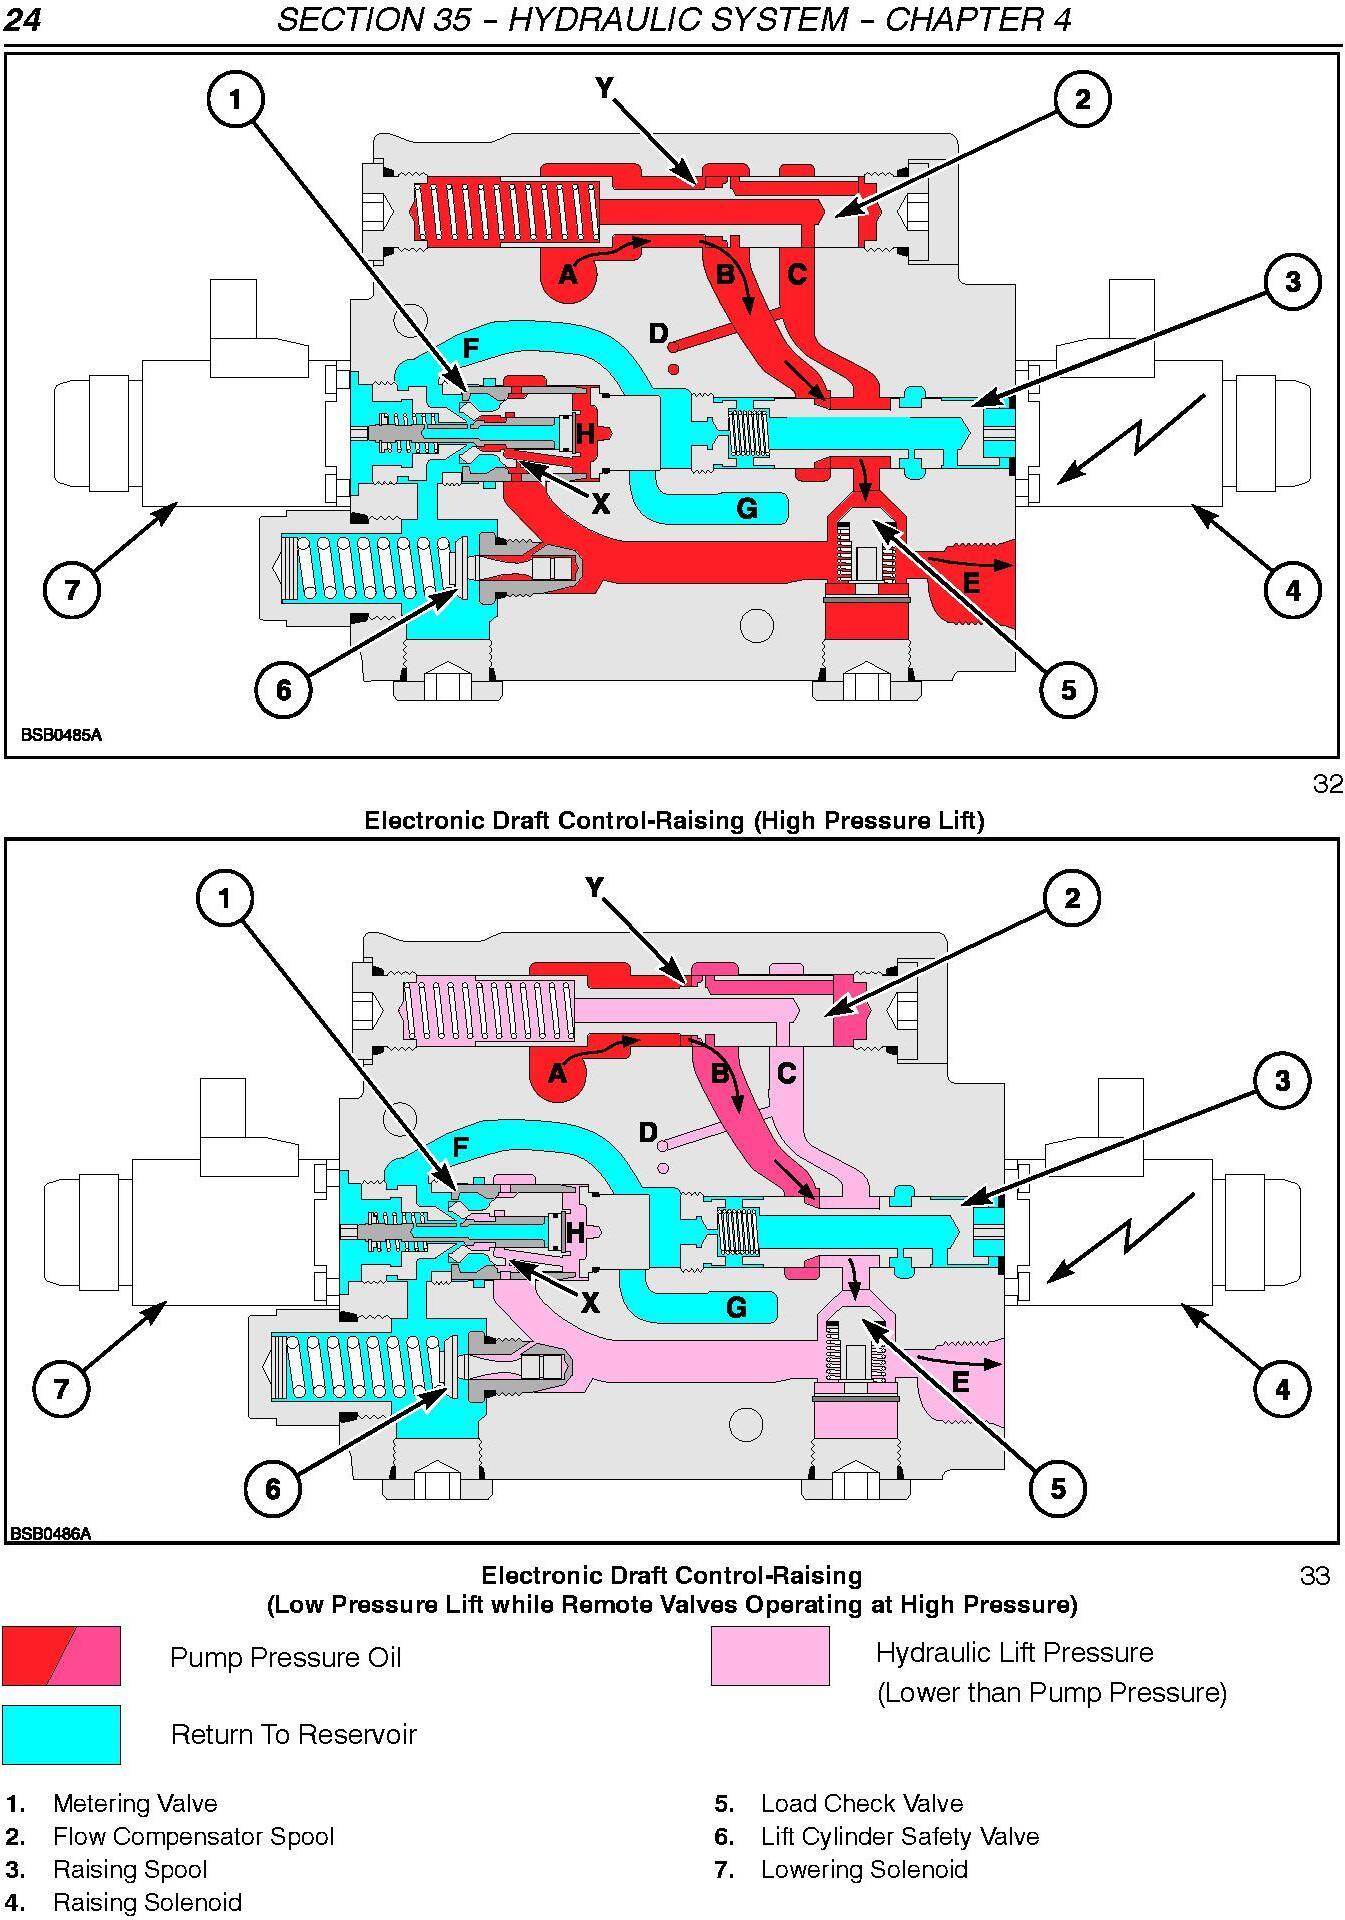 New Holland TM120, TM130, TM140, TM155, TM175, TM190 Tractors Service Manual - 3